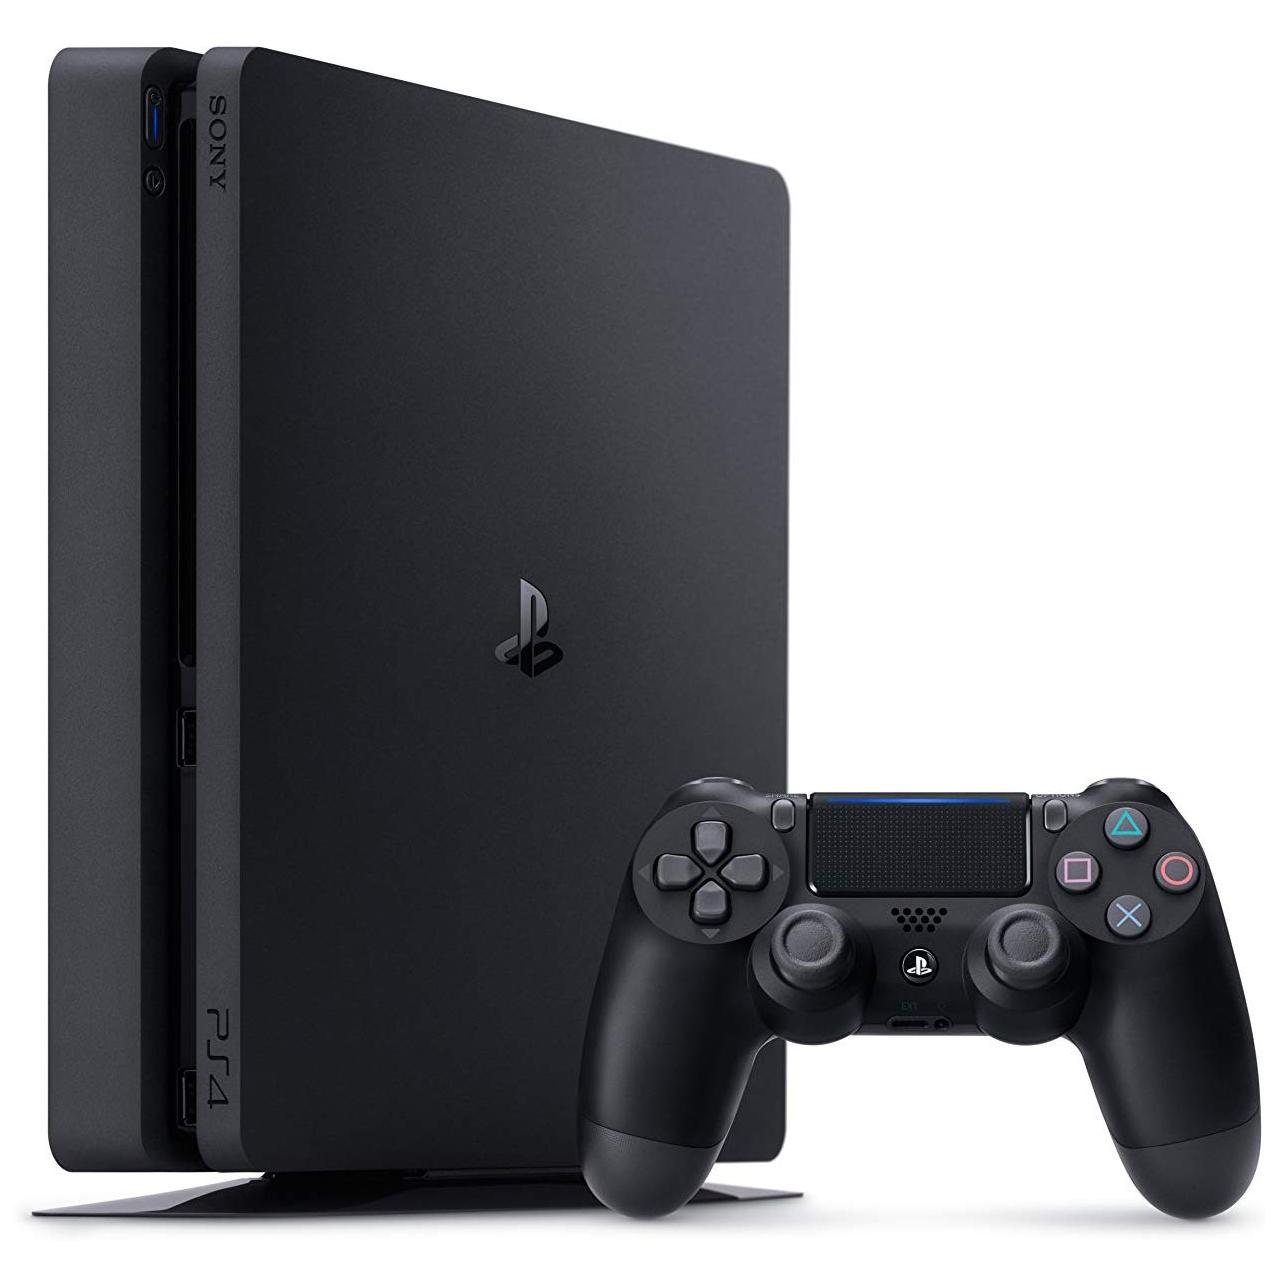 کنسول بازی سونی مدل Playstation 4 Slim کد Region 2 CUH-2216A ظرفیت 500 گیگابایت